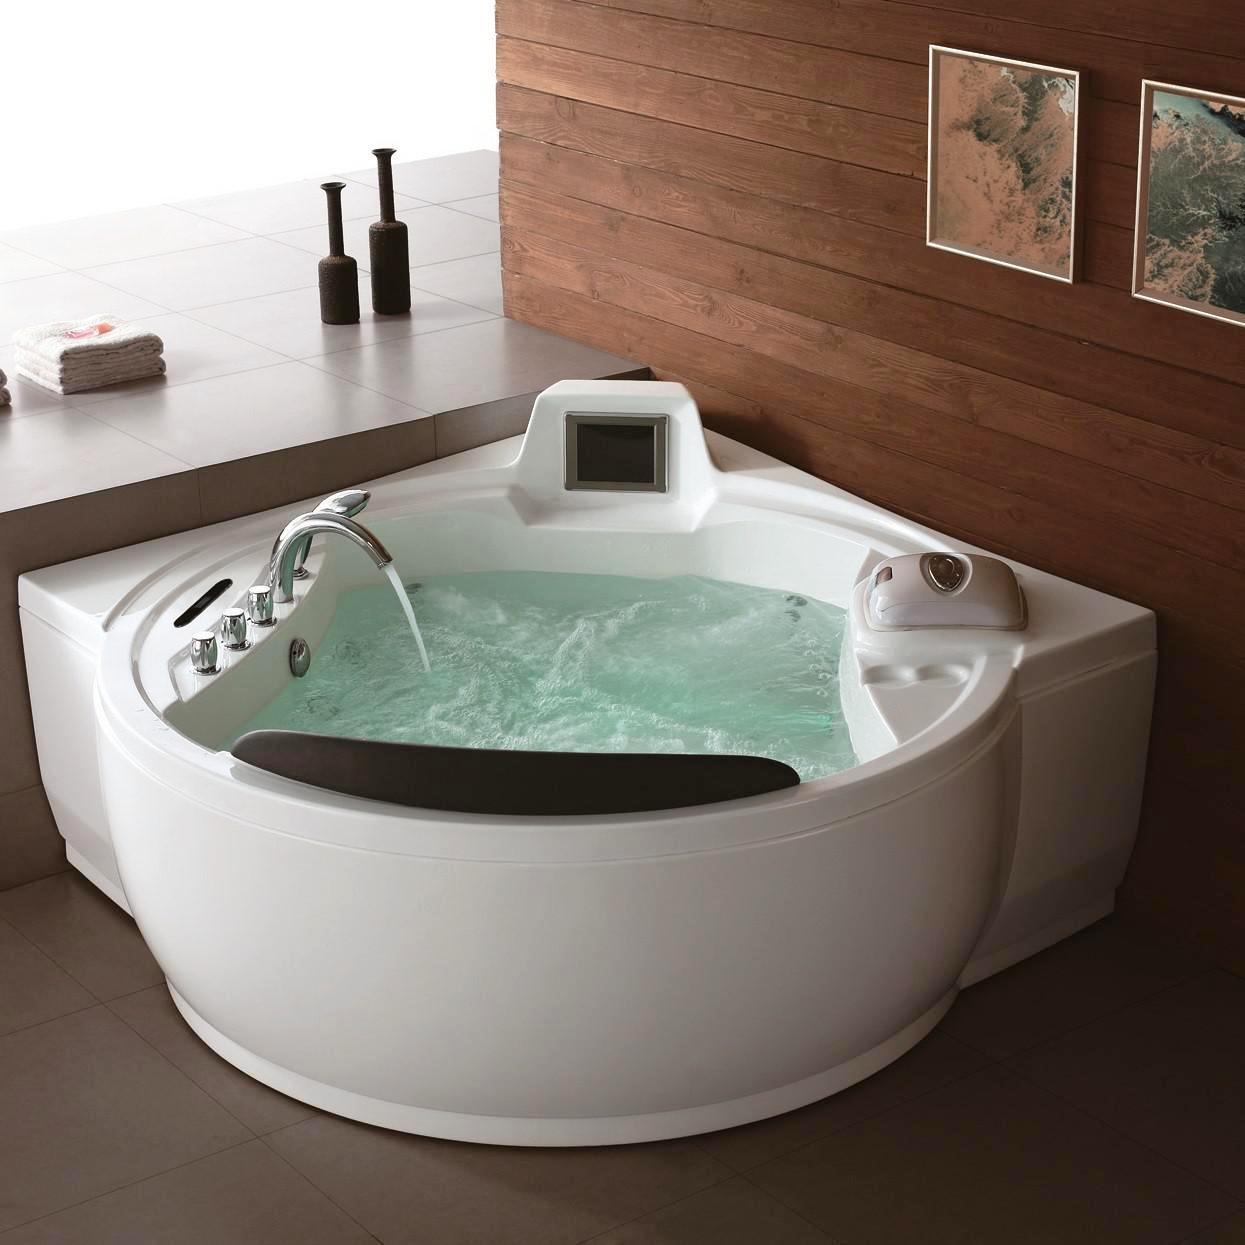 Beau Whirlpool Tub Installation